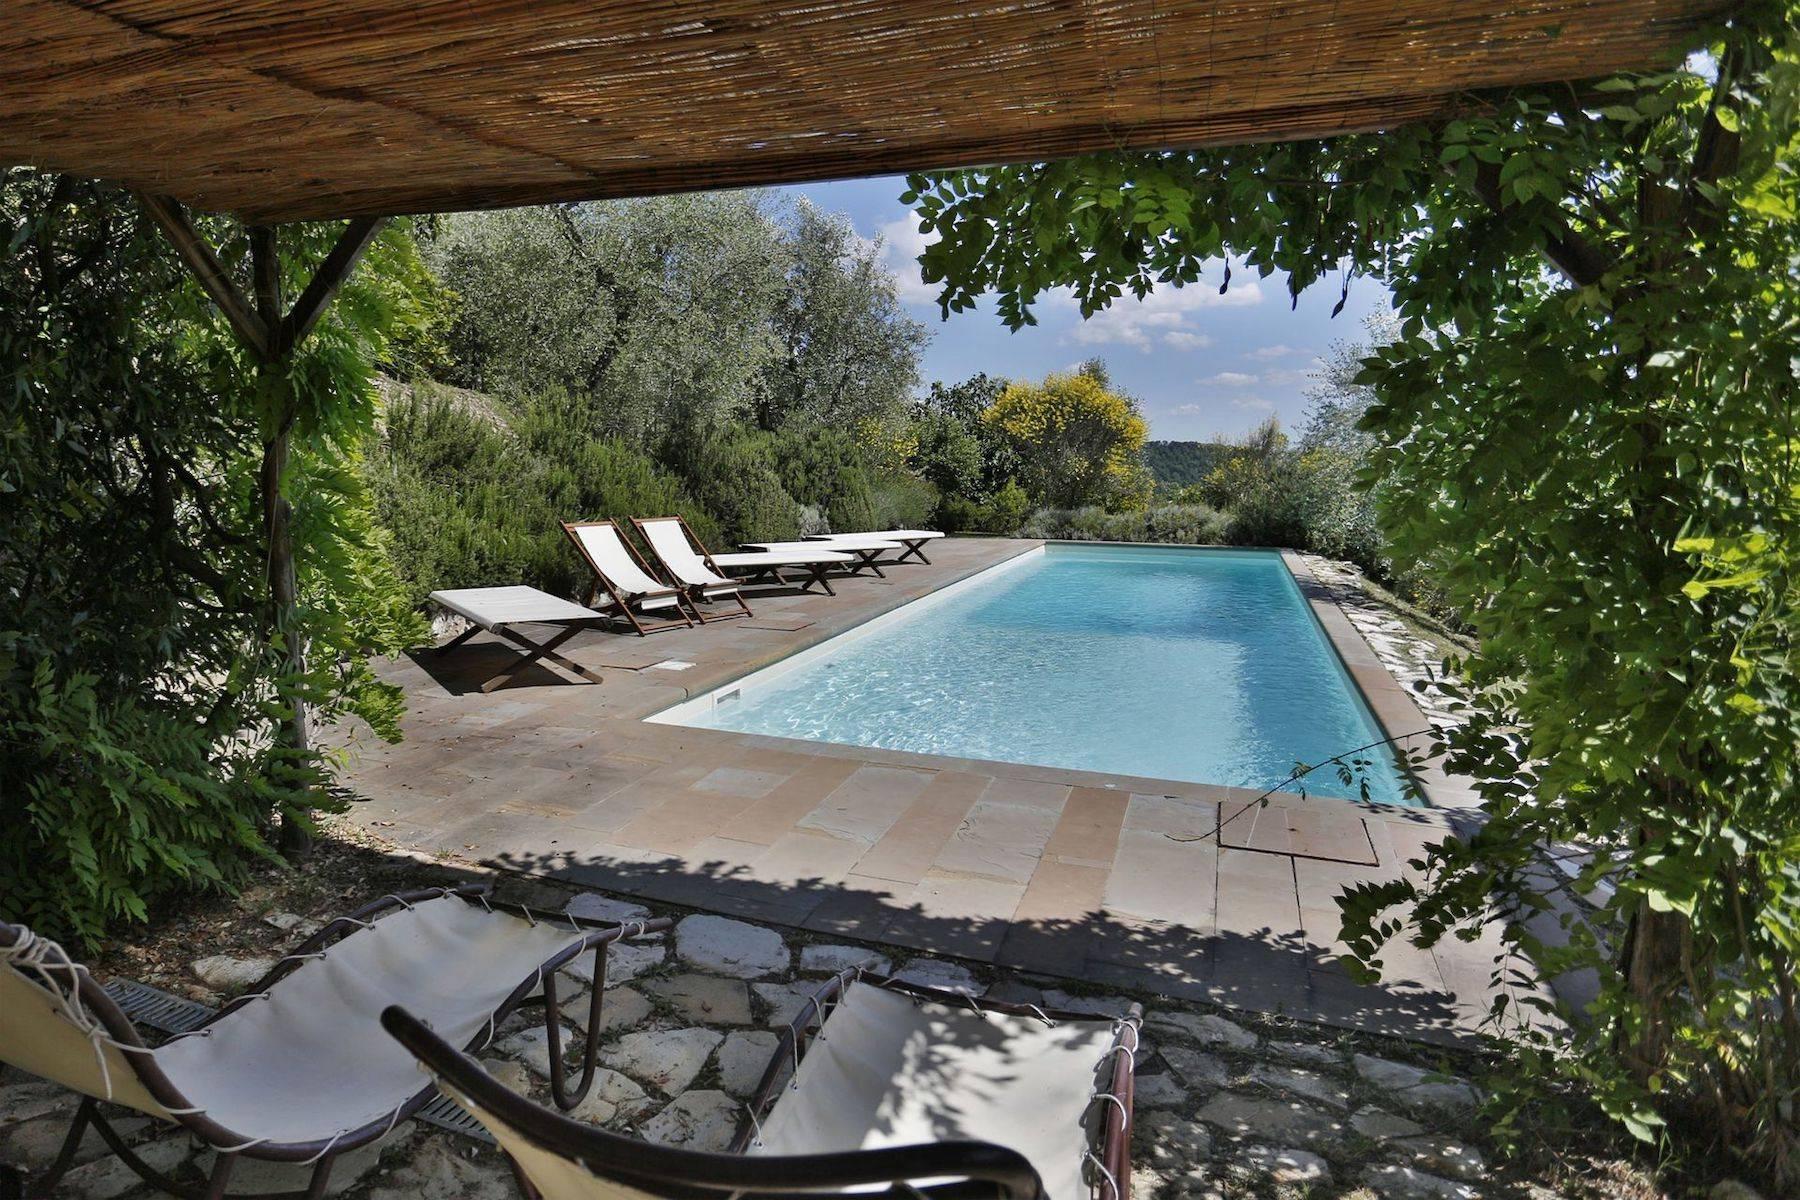 Villa in Vendita a Rignano Sull'Arno: 5 locali, 550 mq - Foto 25